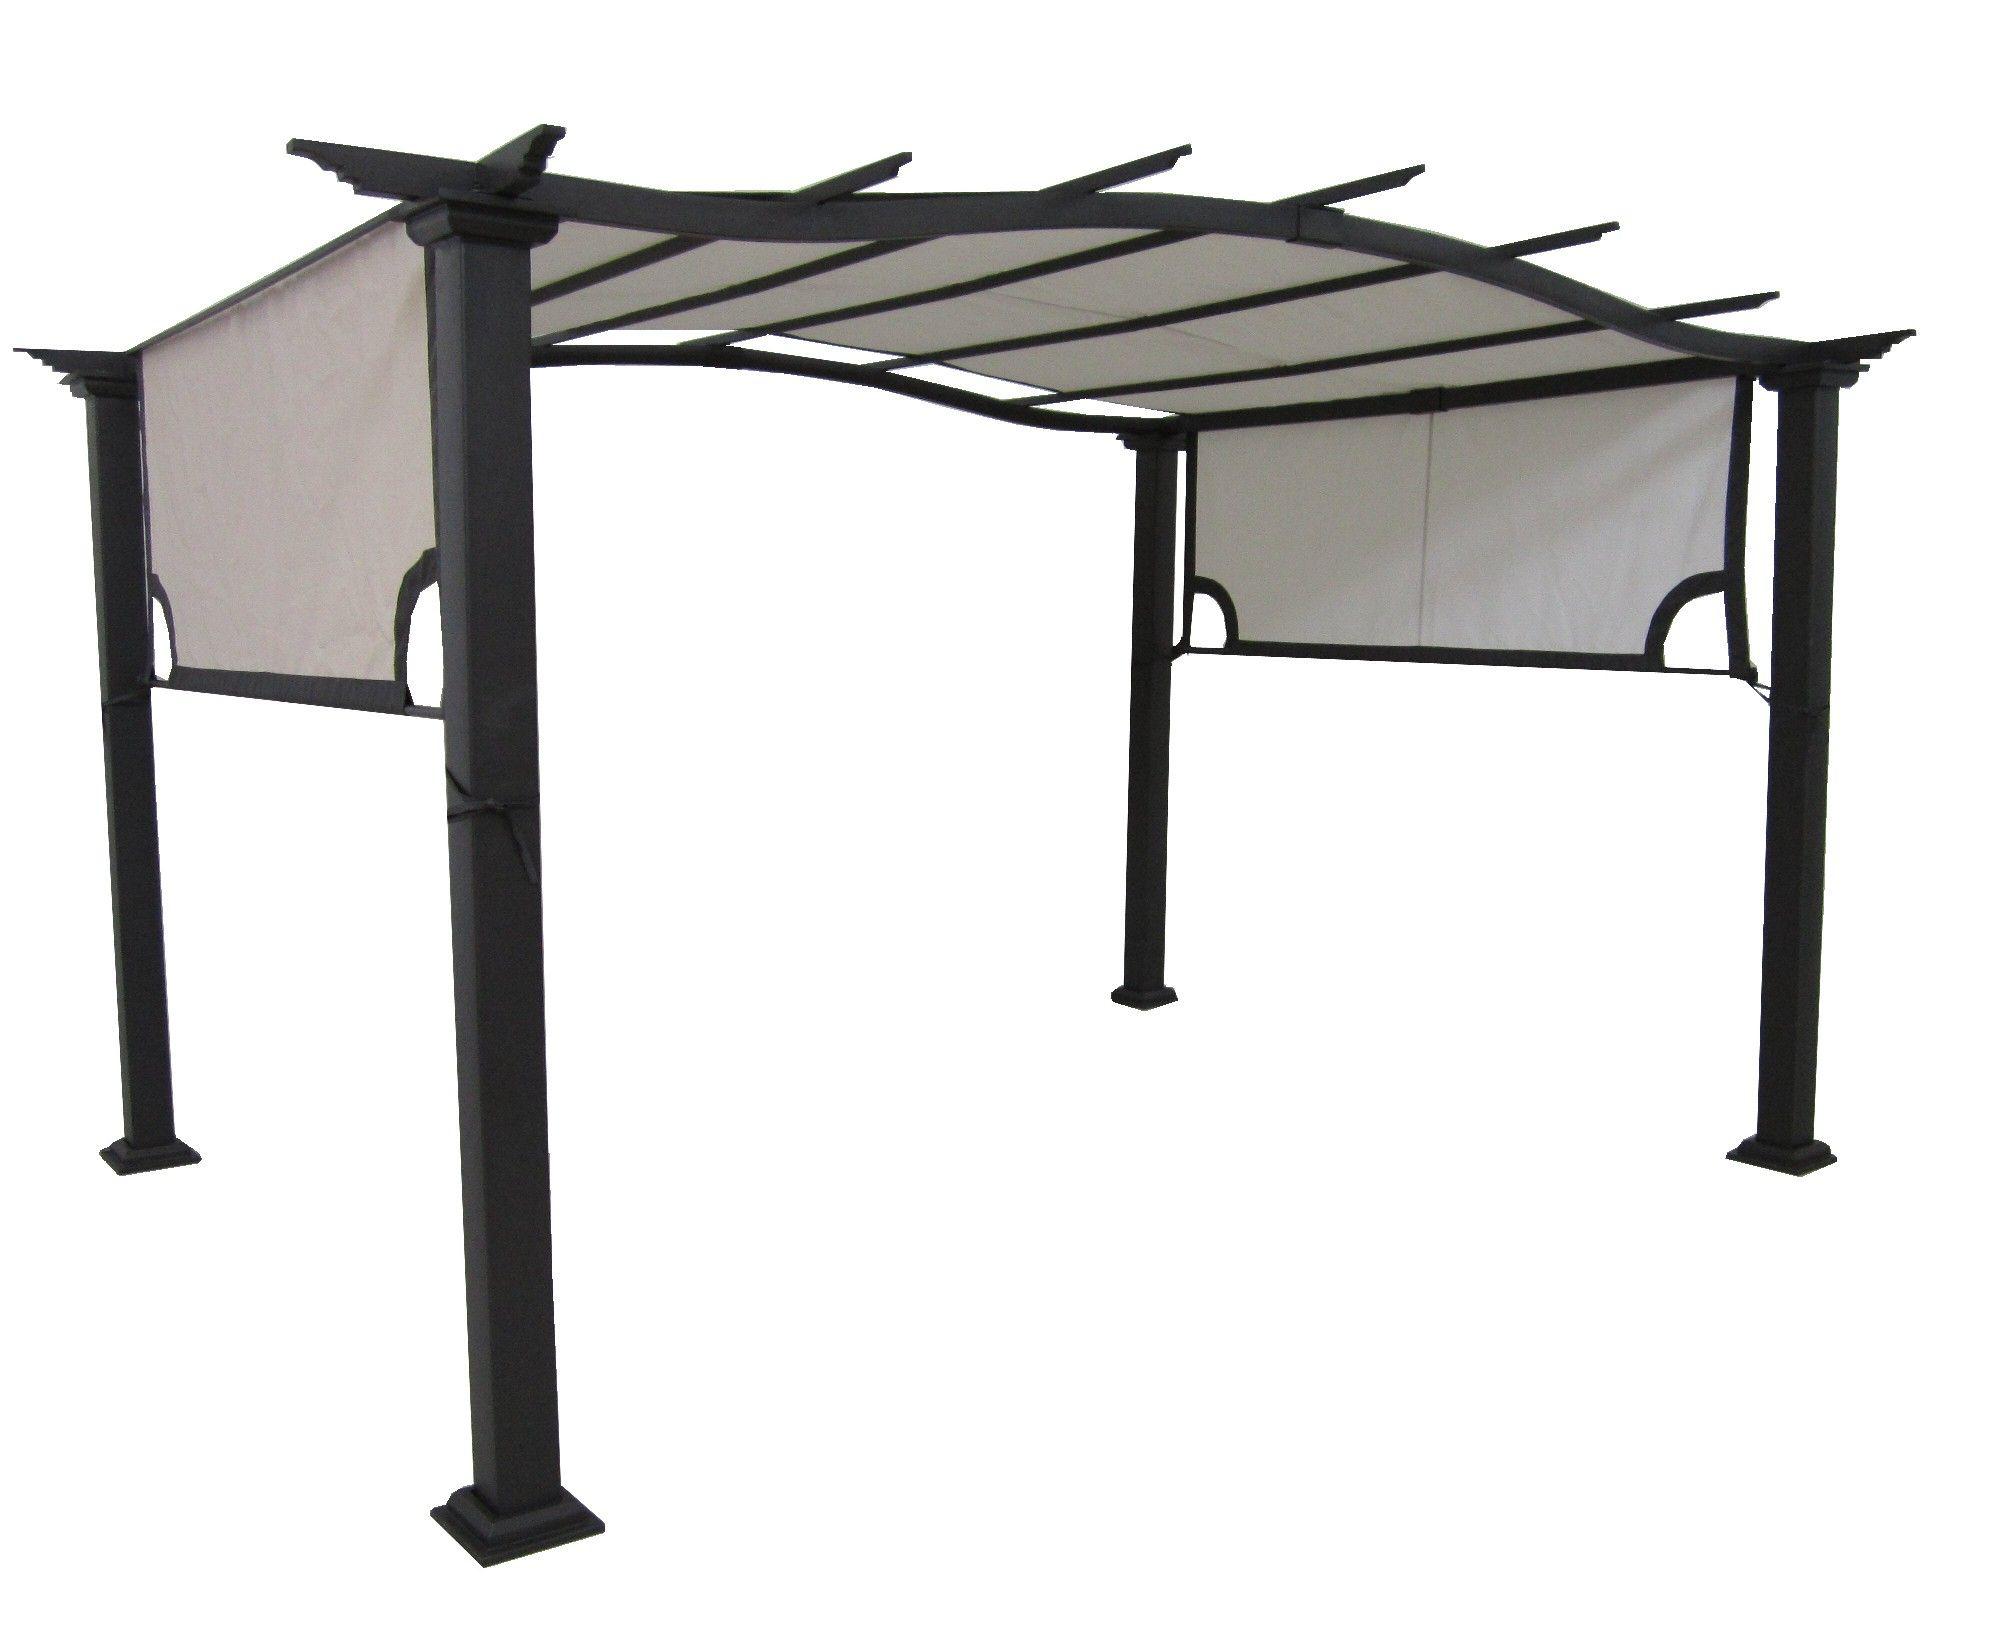 Pergola With Canopy Patio Gazebo Patio Canopy Gazebo Tent